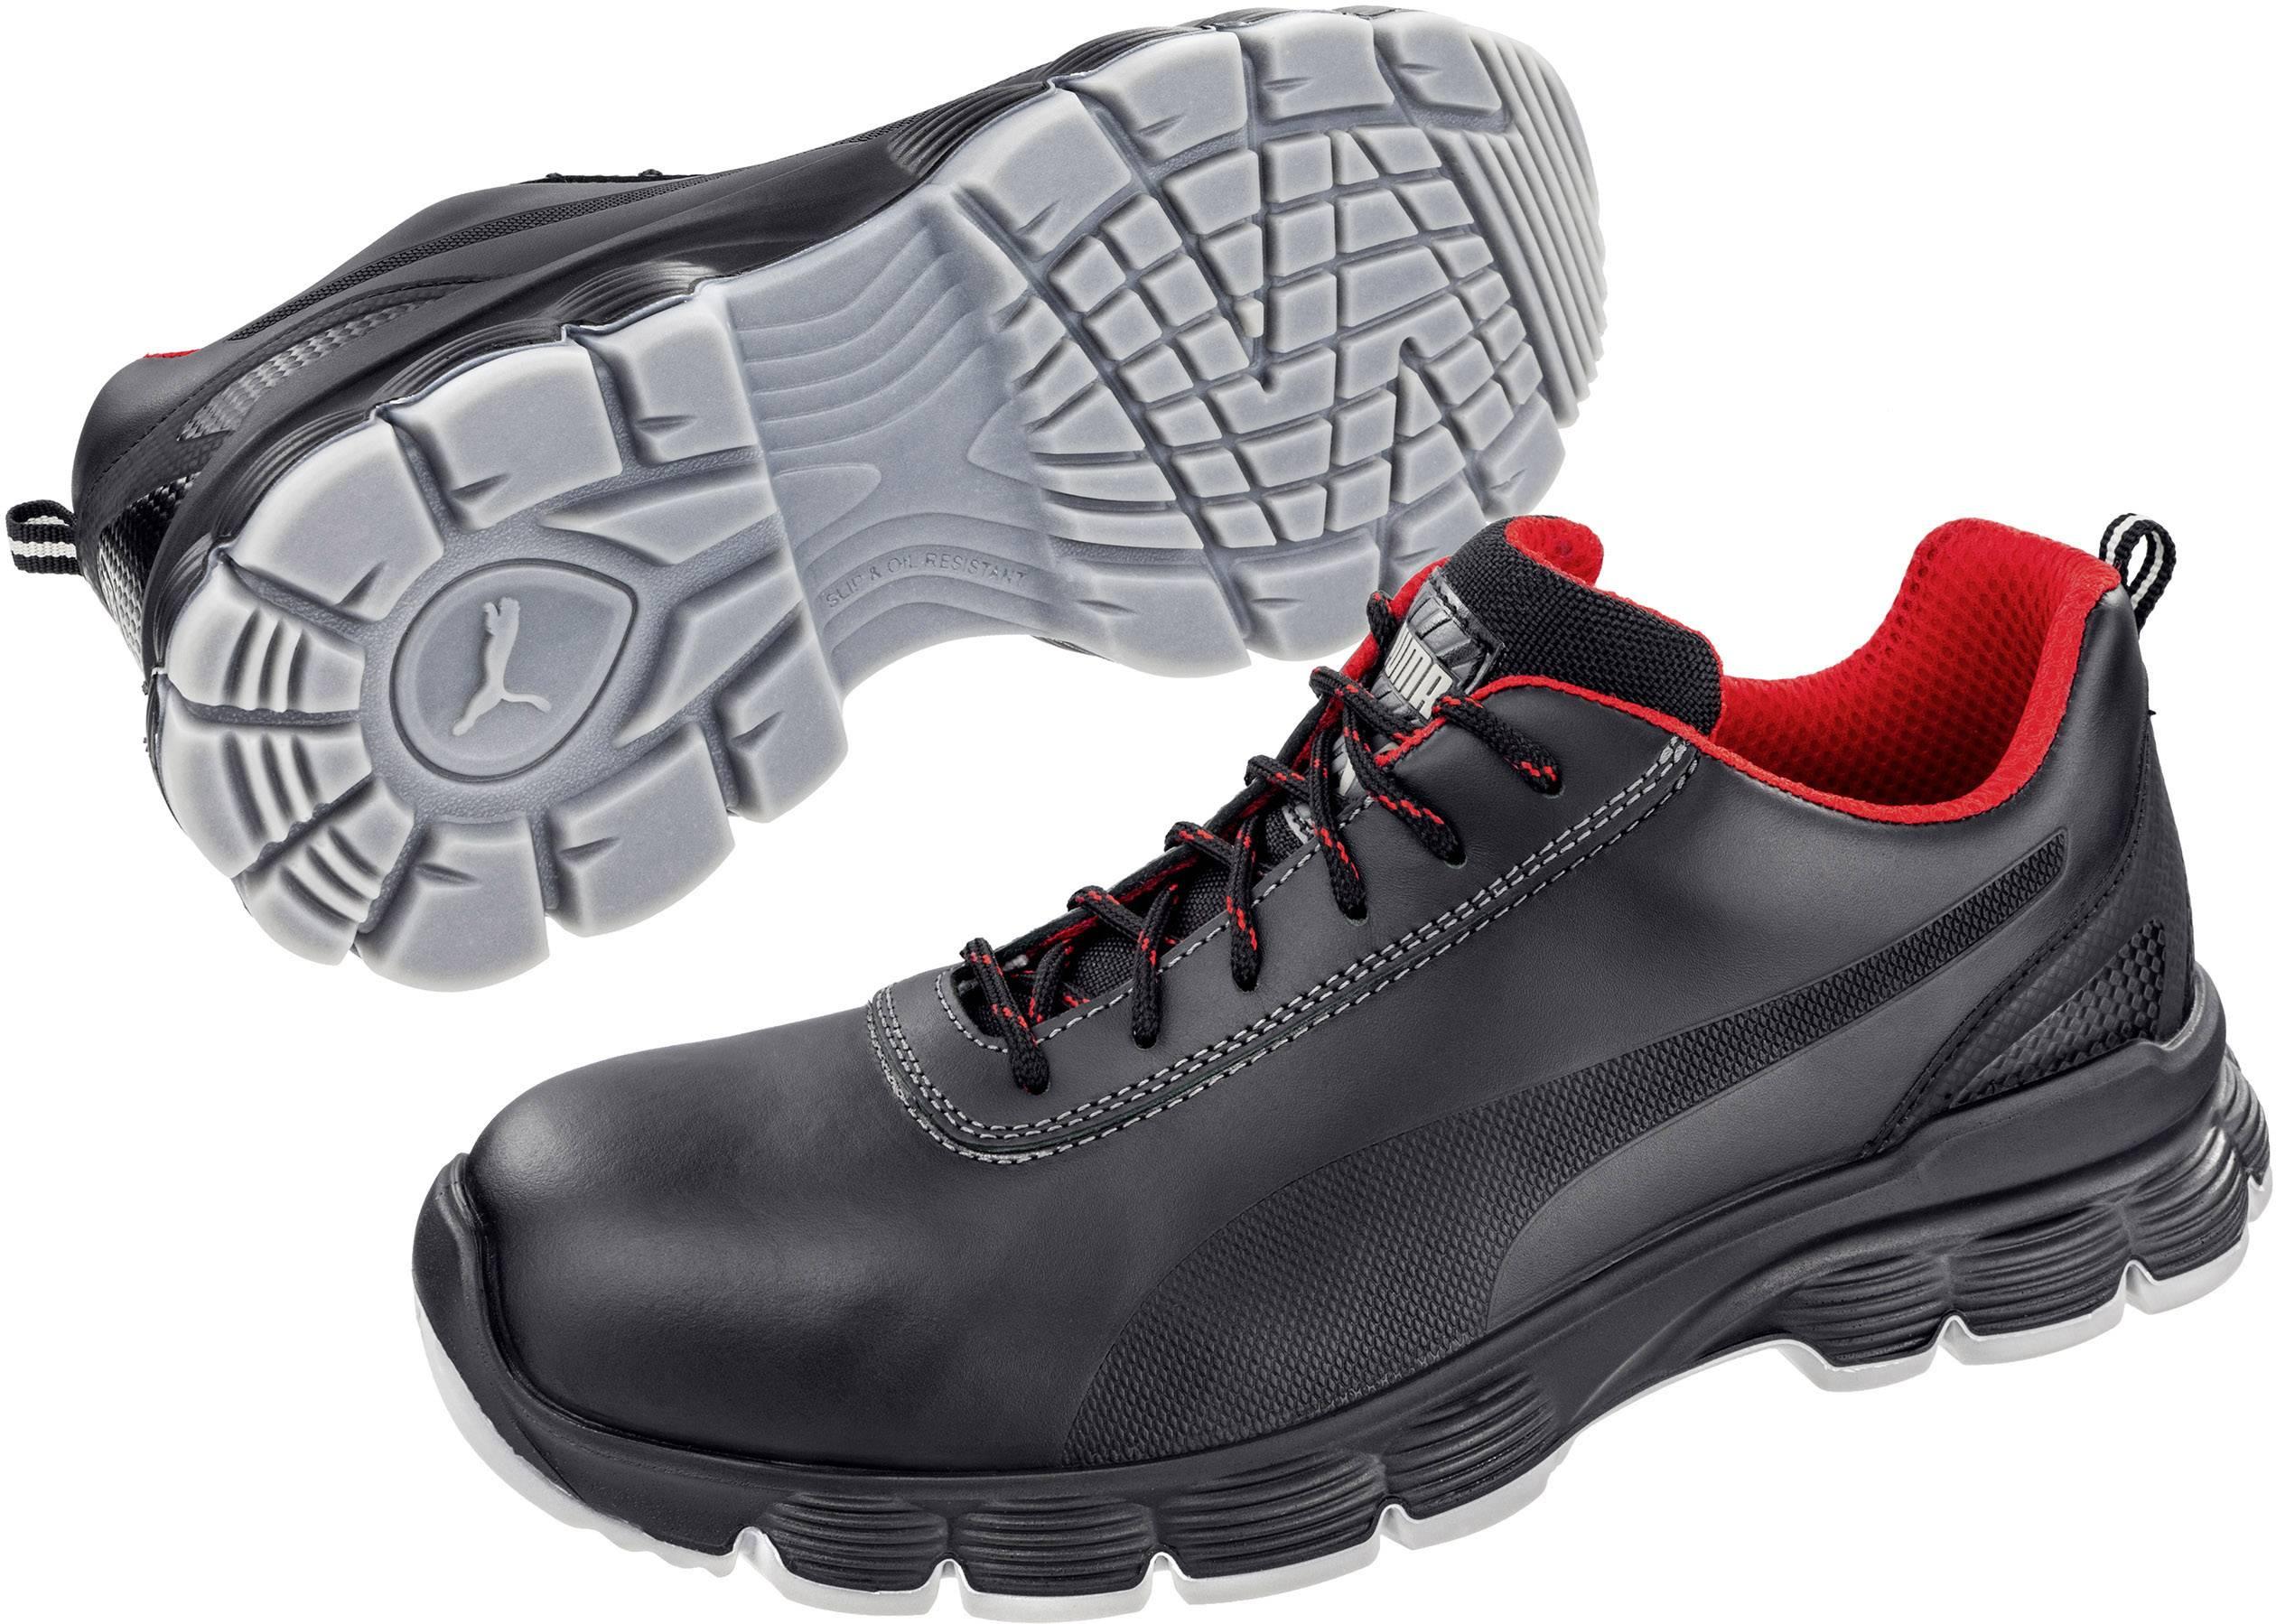 Bezpečnostní obuv ESD S3 PUMA Safety Pioneer Low ESD SRC 640521-40, vel.: 40, černá, 1 pár